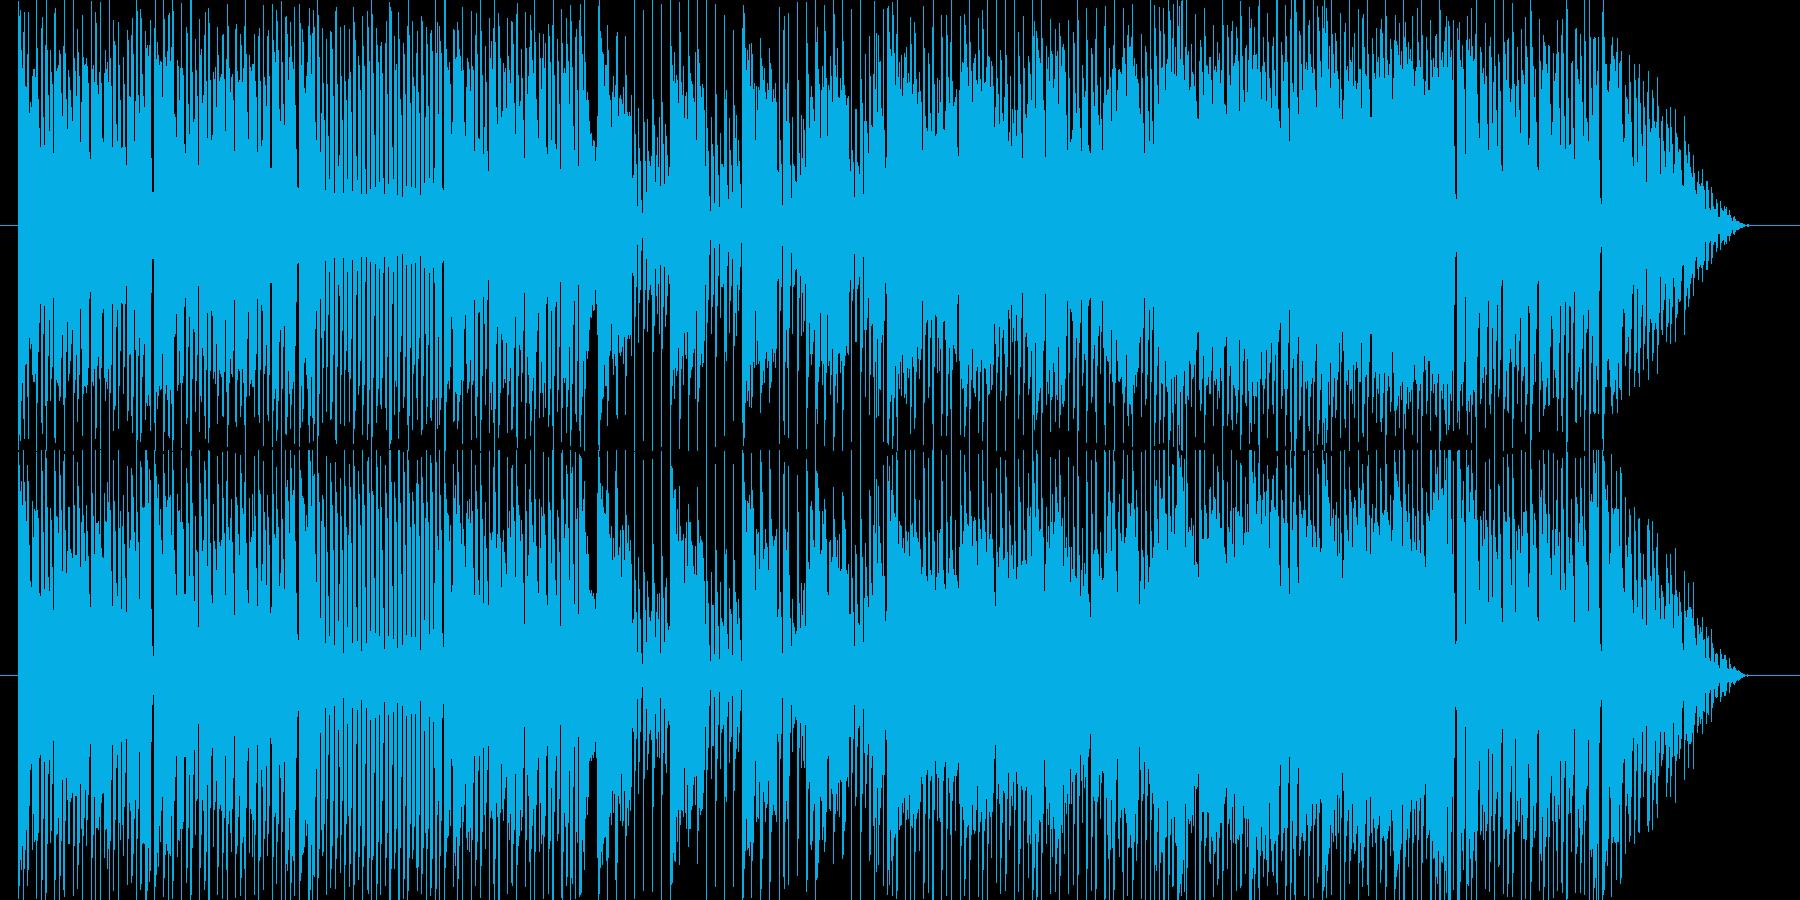 楽しくユルめな雰囲気のゲームBGMの再生済みの波形